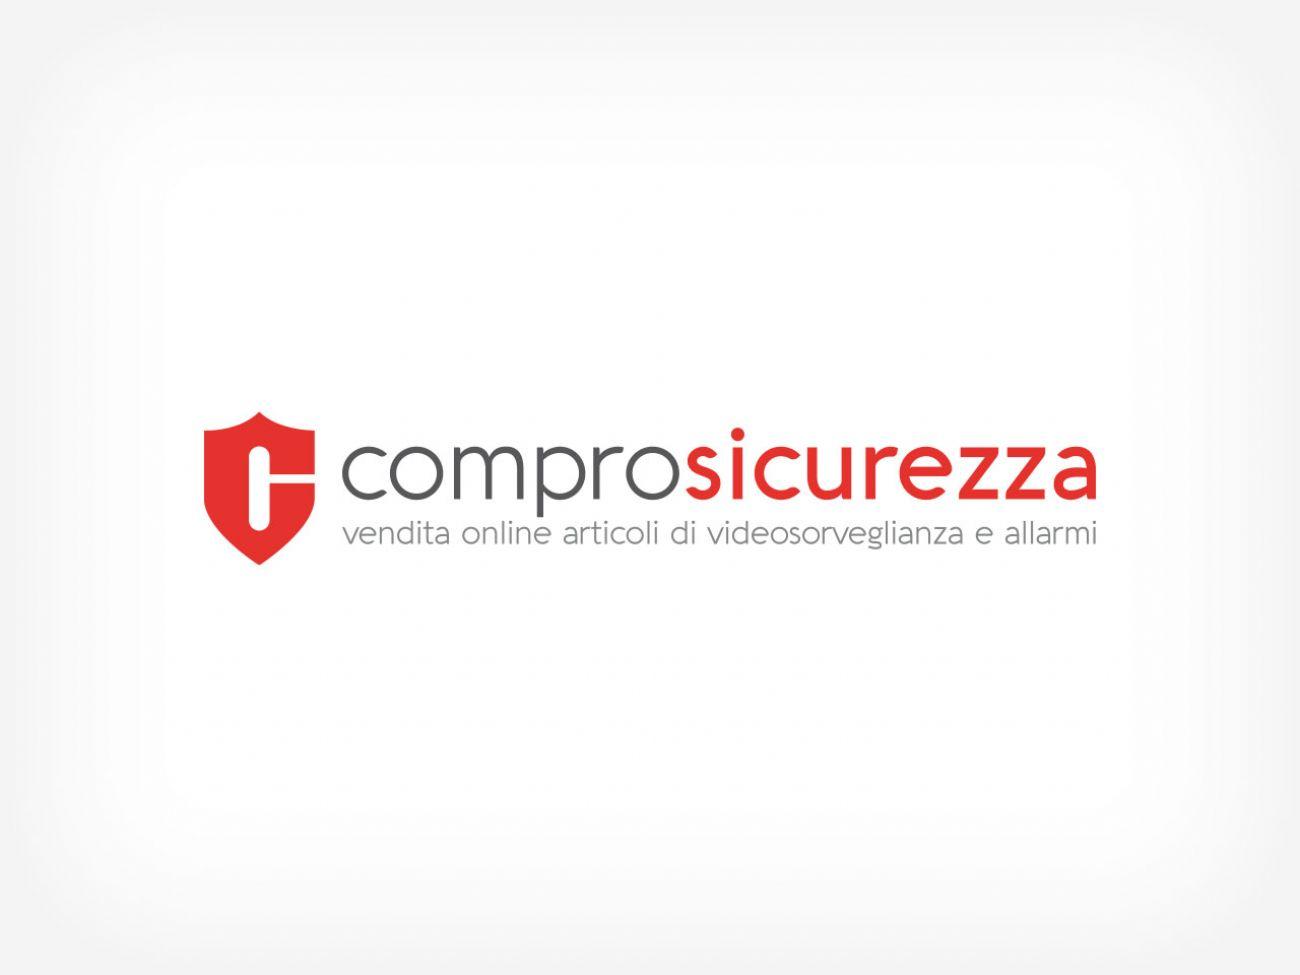 Logo per shop online